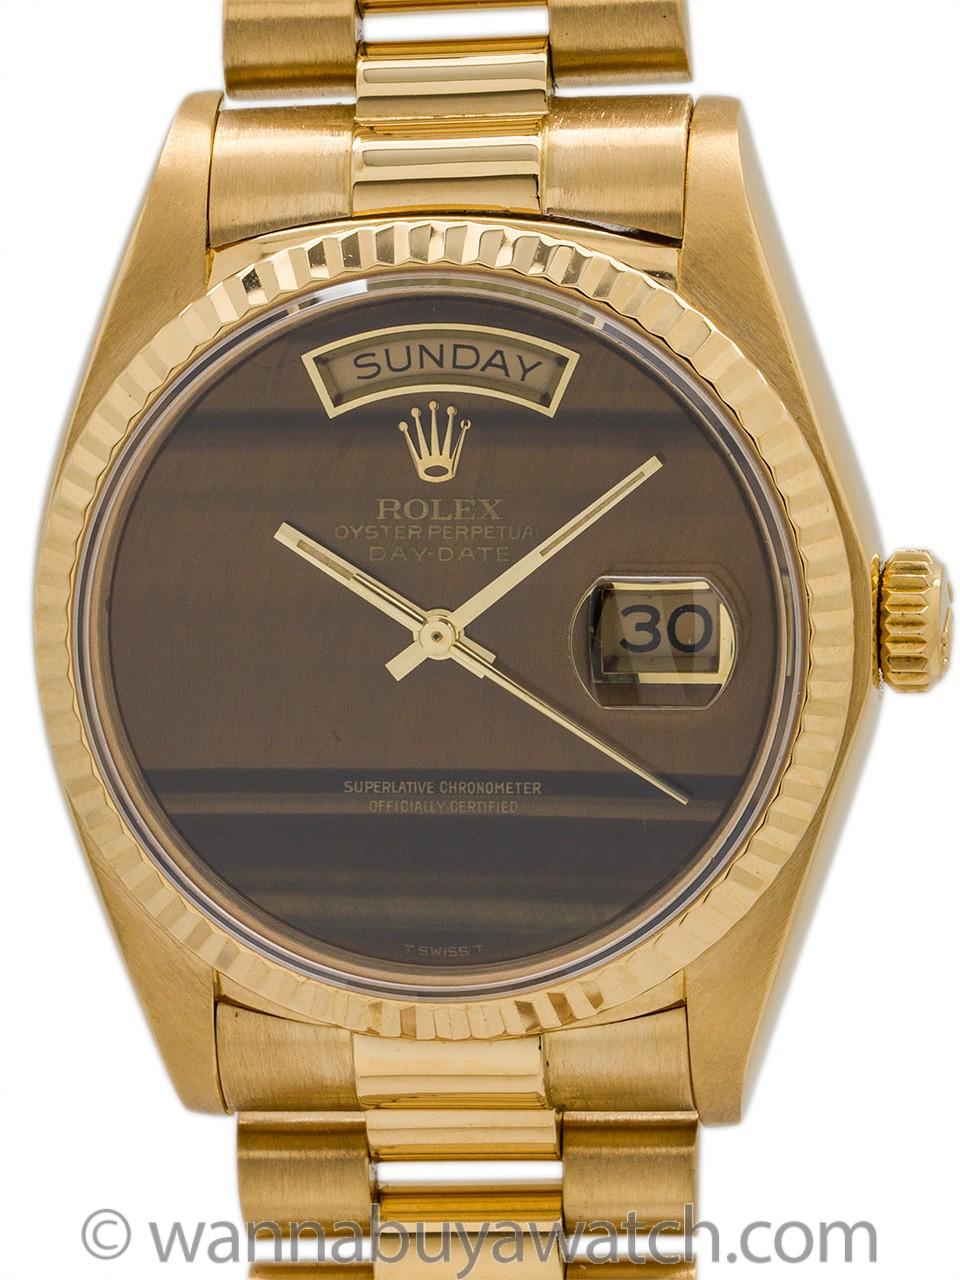 Rolex Day Date President 18K YG ref 18038 Tiger's Eye circa 1981